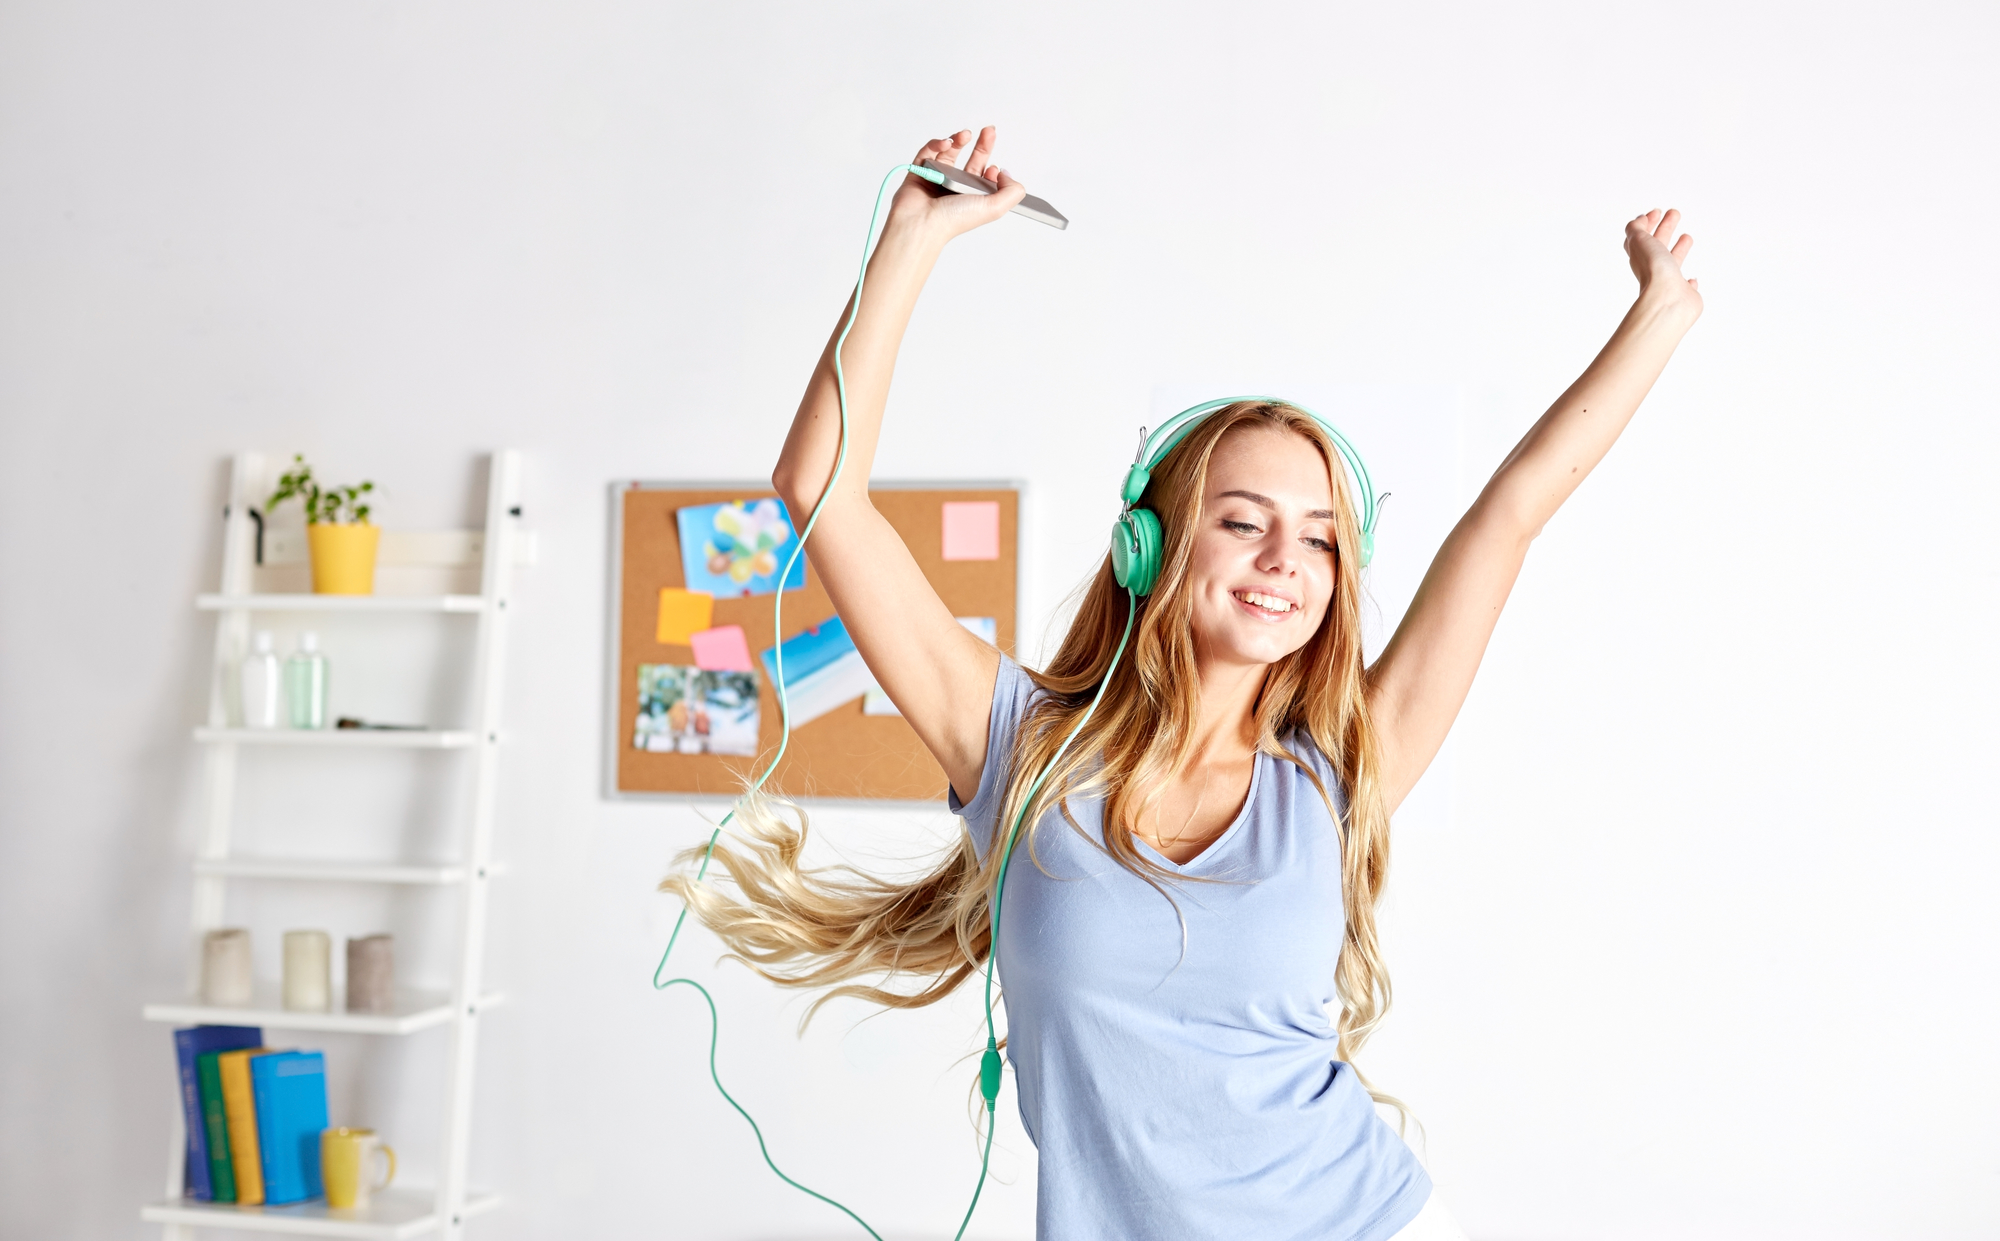 teen dancing in a room